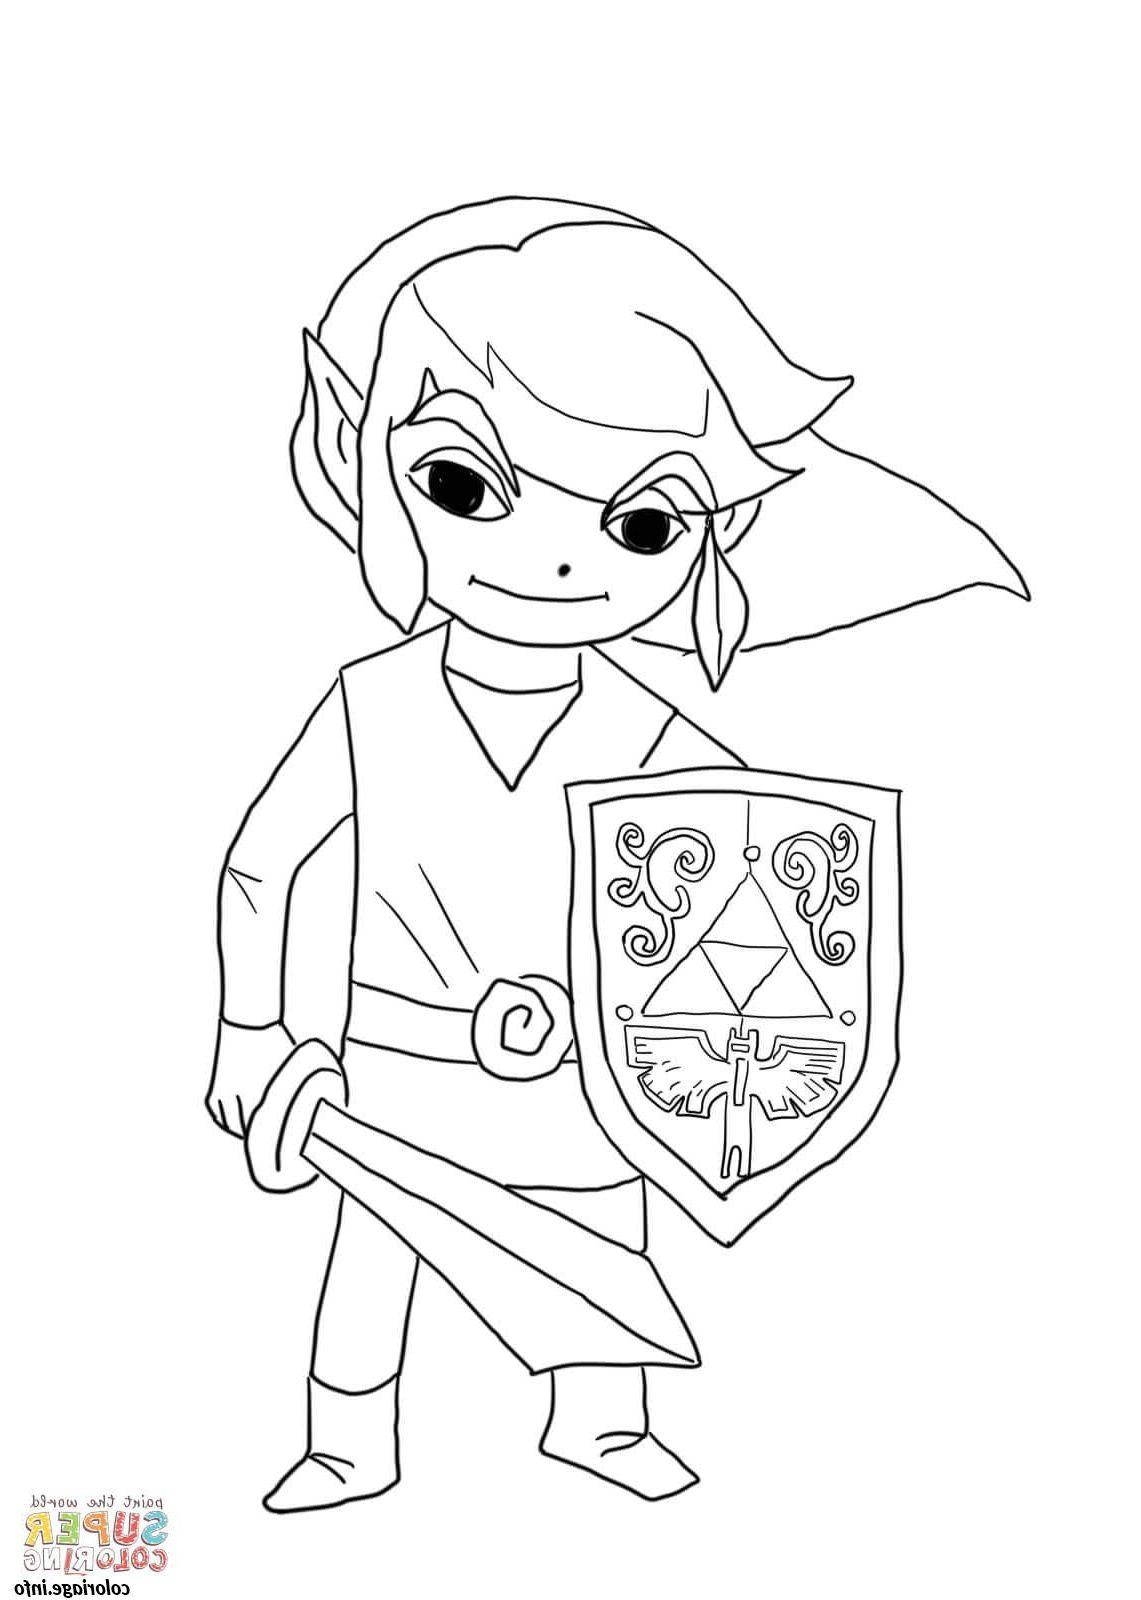 40 Dessins De Coloriage Zelda A Imprimer Coloriage Zelda Coloriage Photo A Imprimer